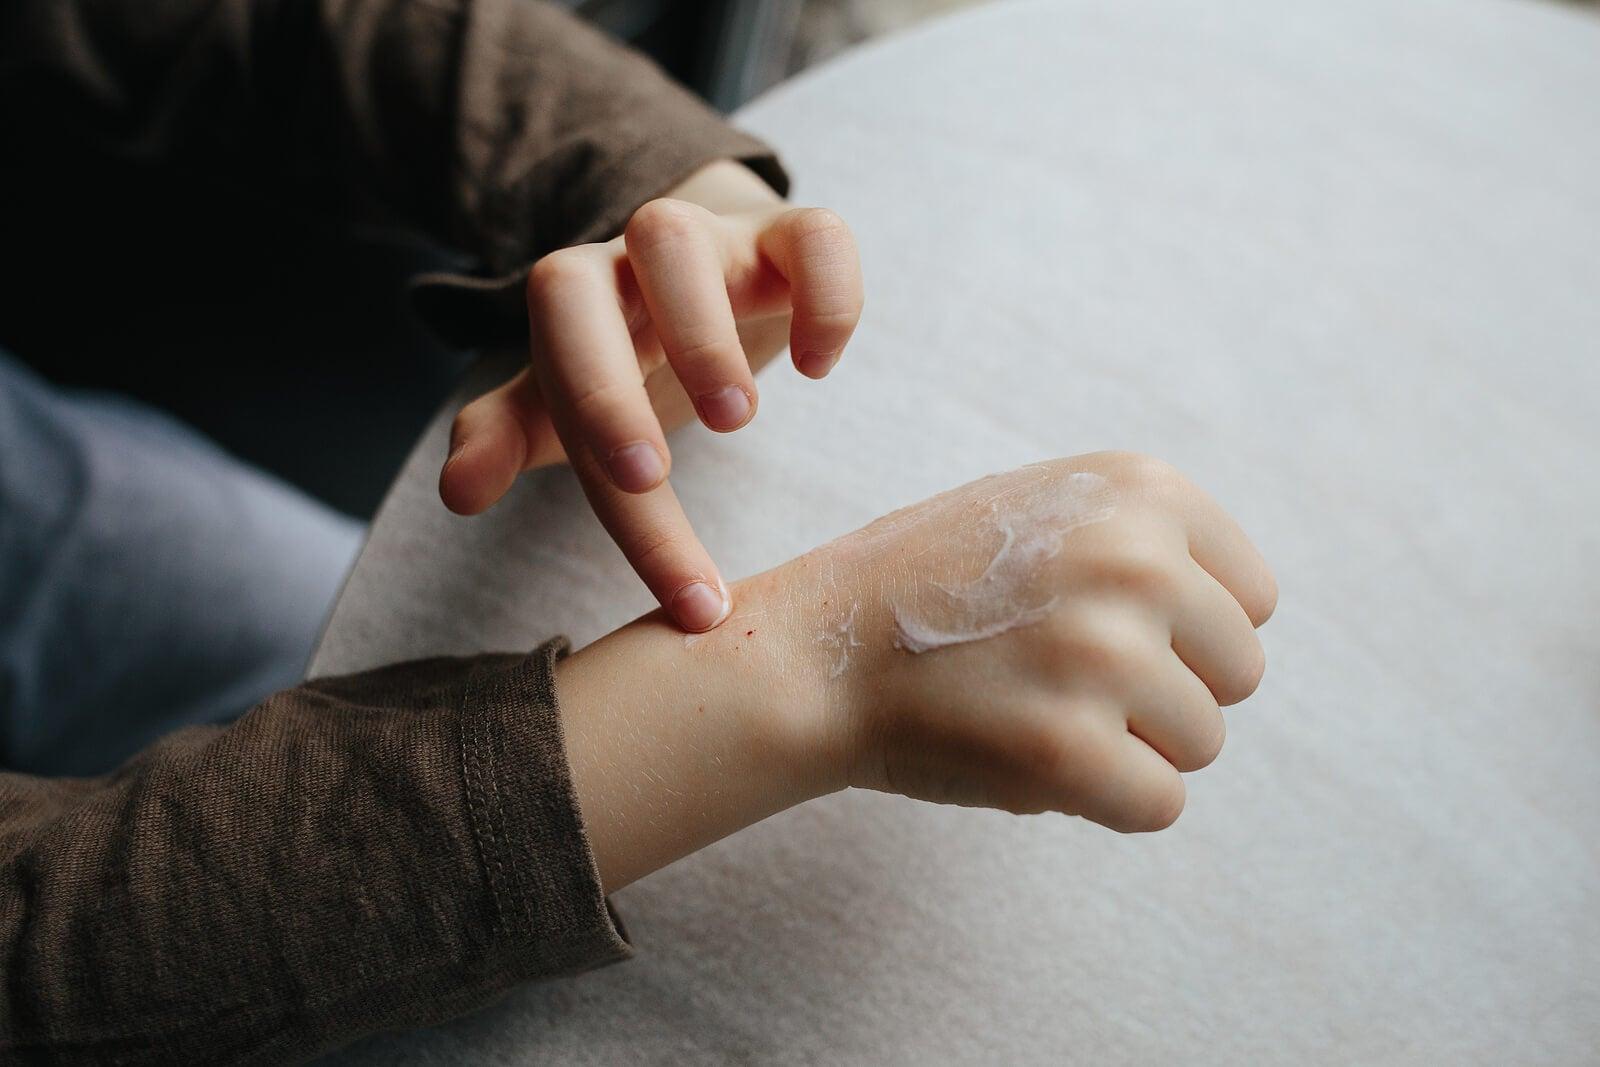 Niño aplicando cremas para la dermatitis atópica.